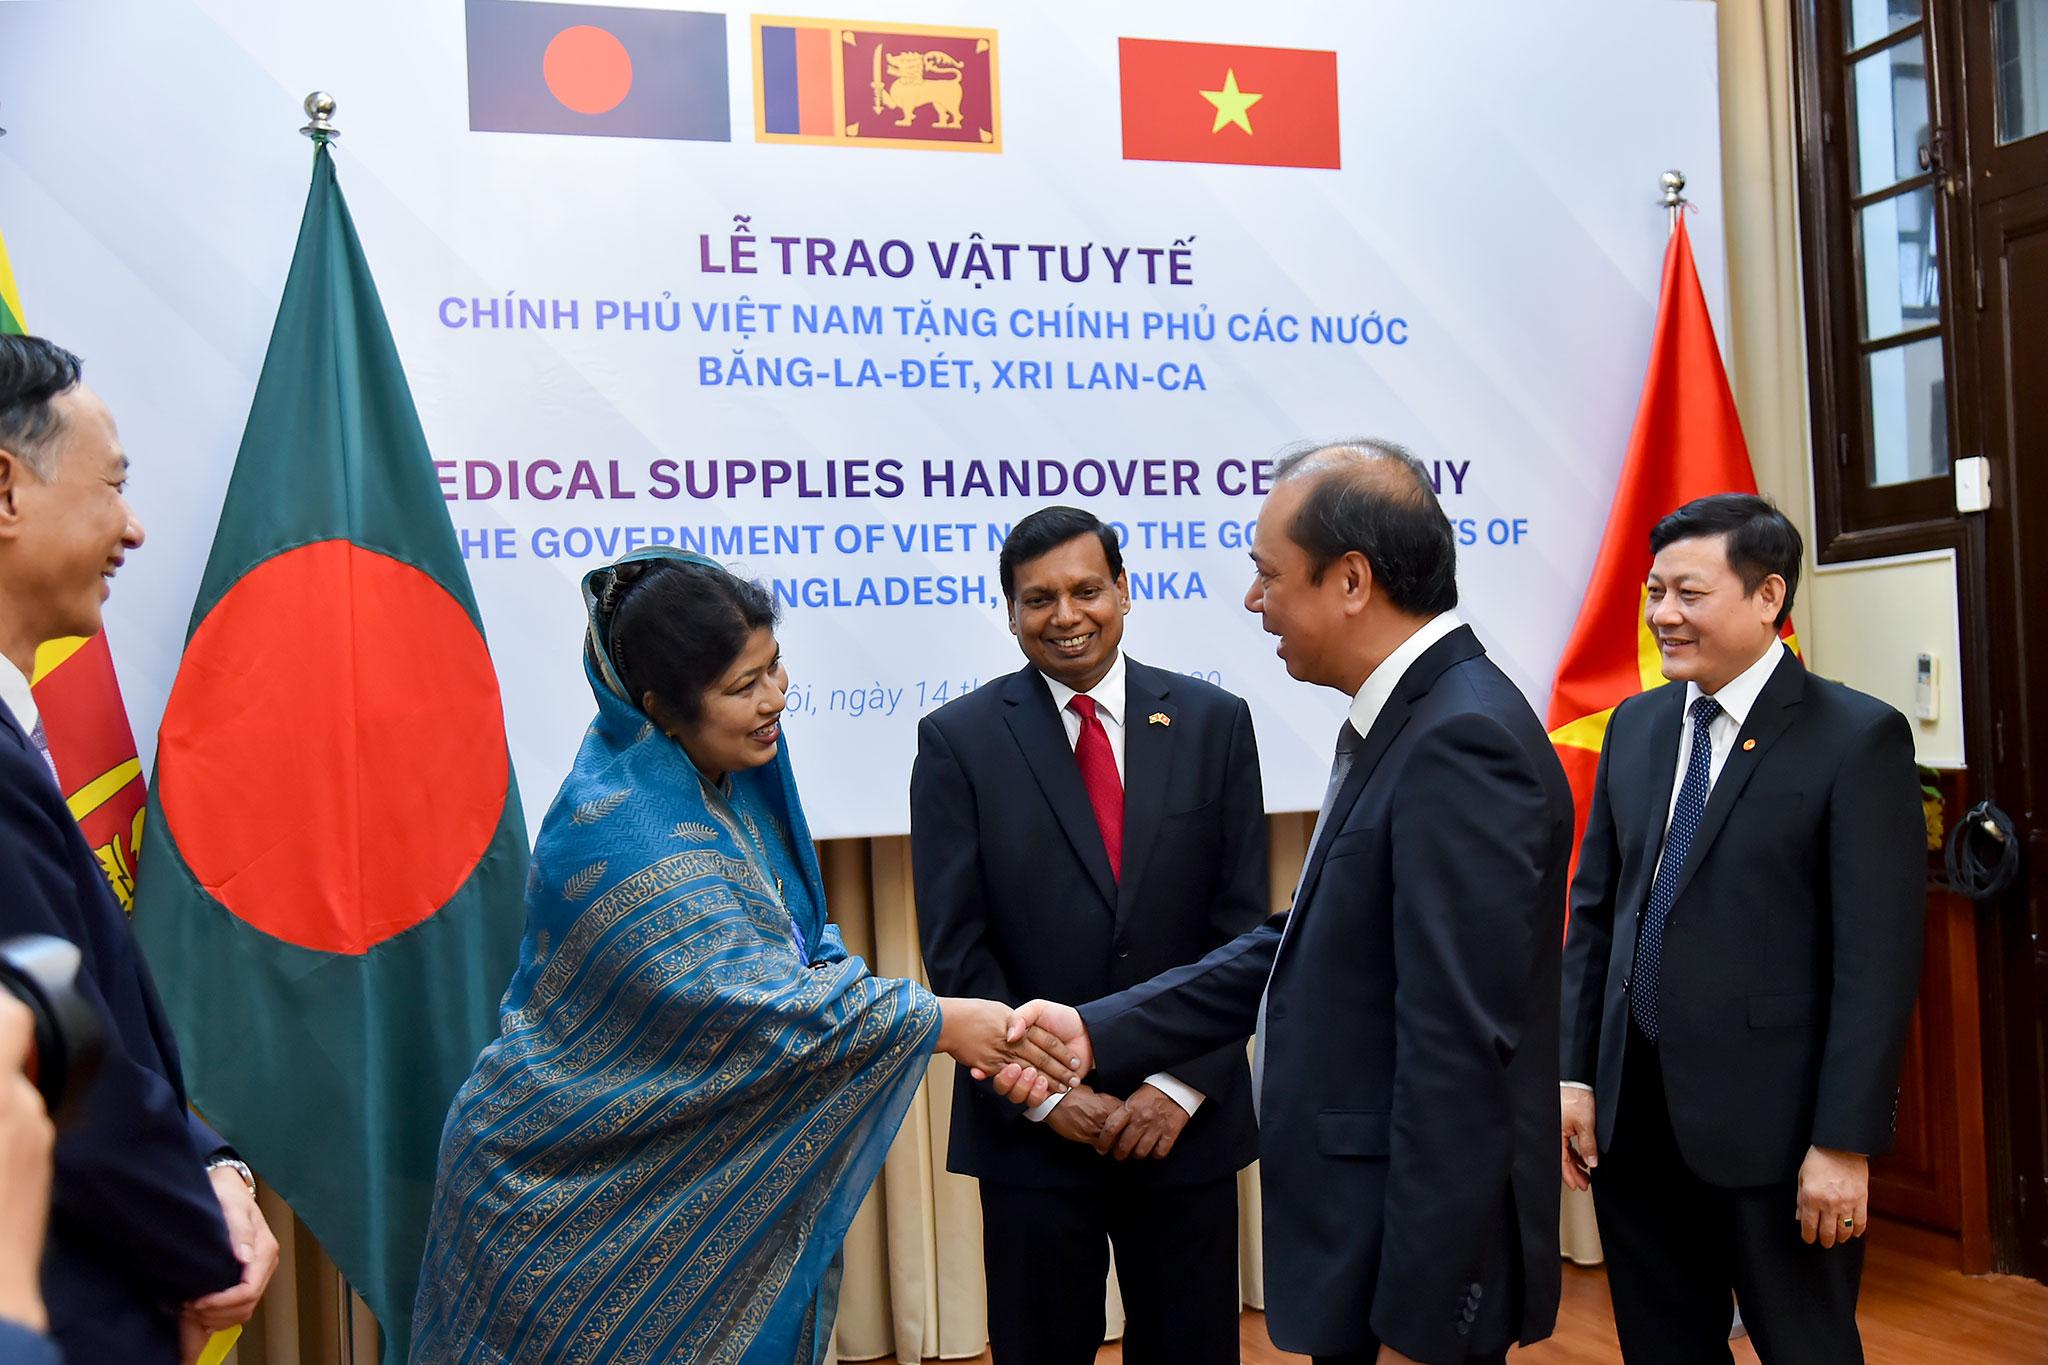 Việt Nam hỗ trợ Băng-la-đét và Sri Lan-ca phòng, chống dịch COVID-19